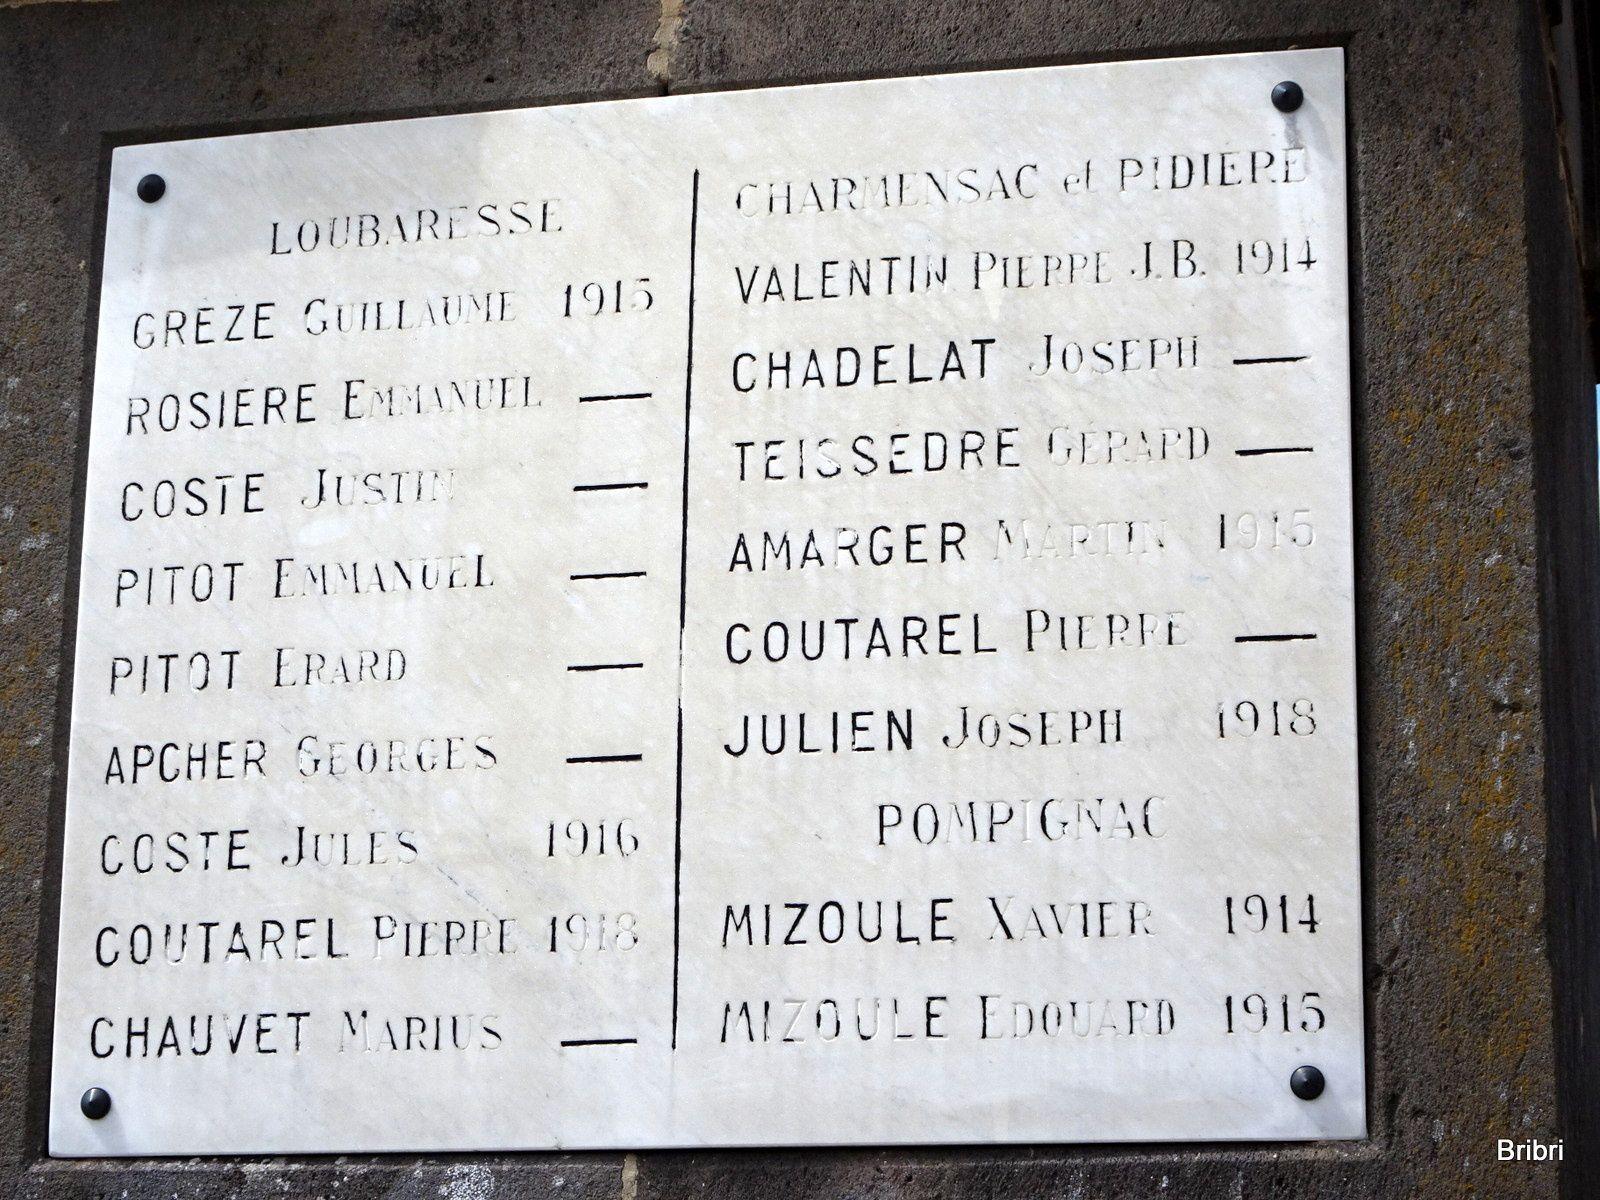 Sur le monument au morts nous retrouvons un nom connu dans notre village, je sais qu'ils avaient de la famille à St Flour, peut-être ici aussi.